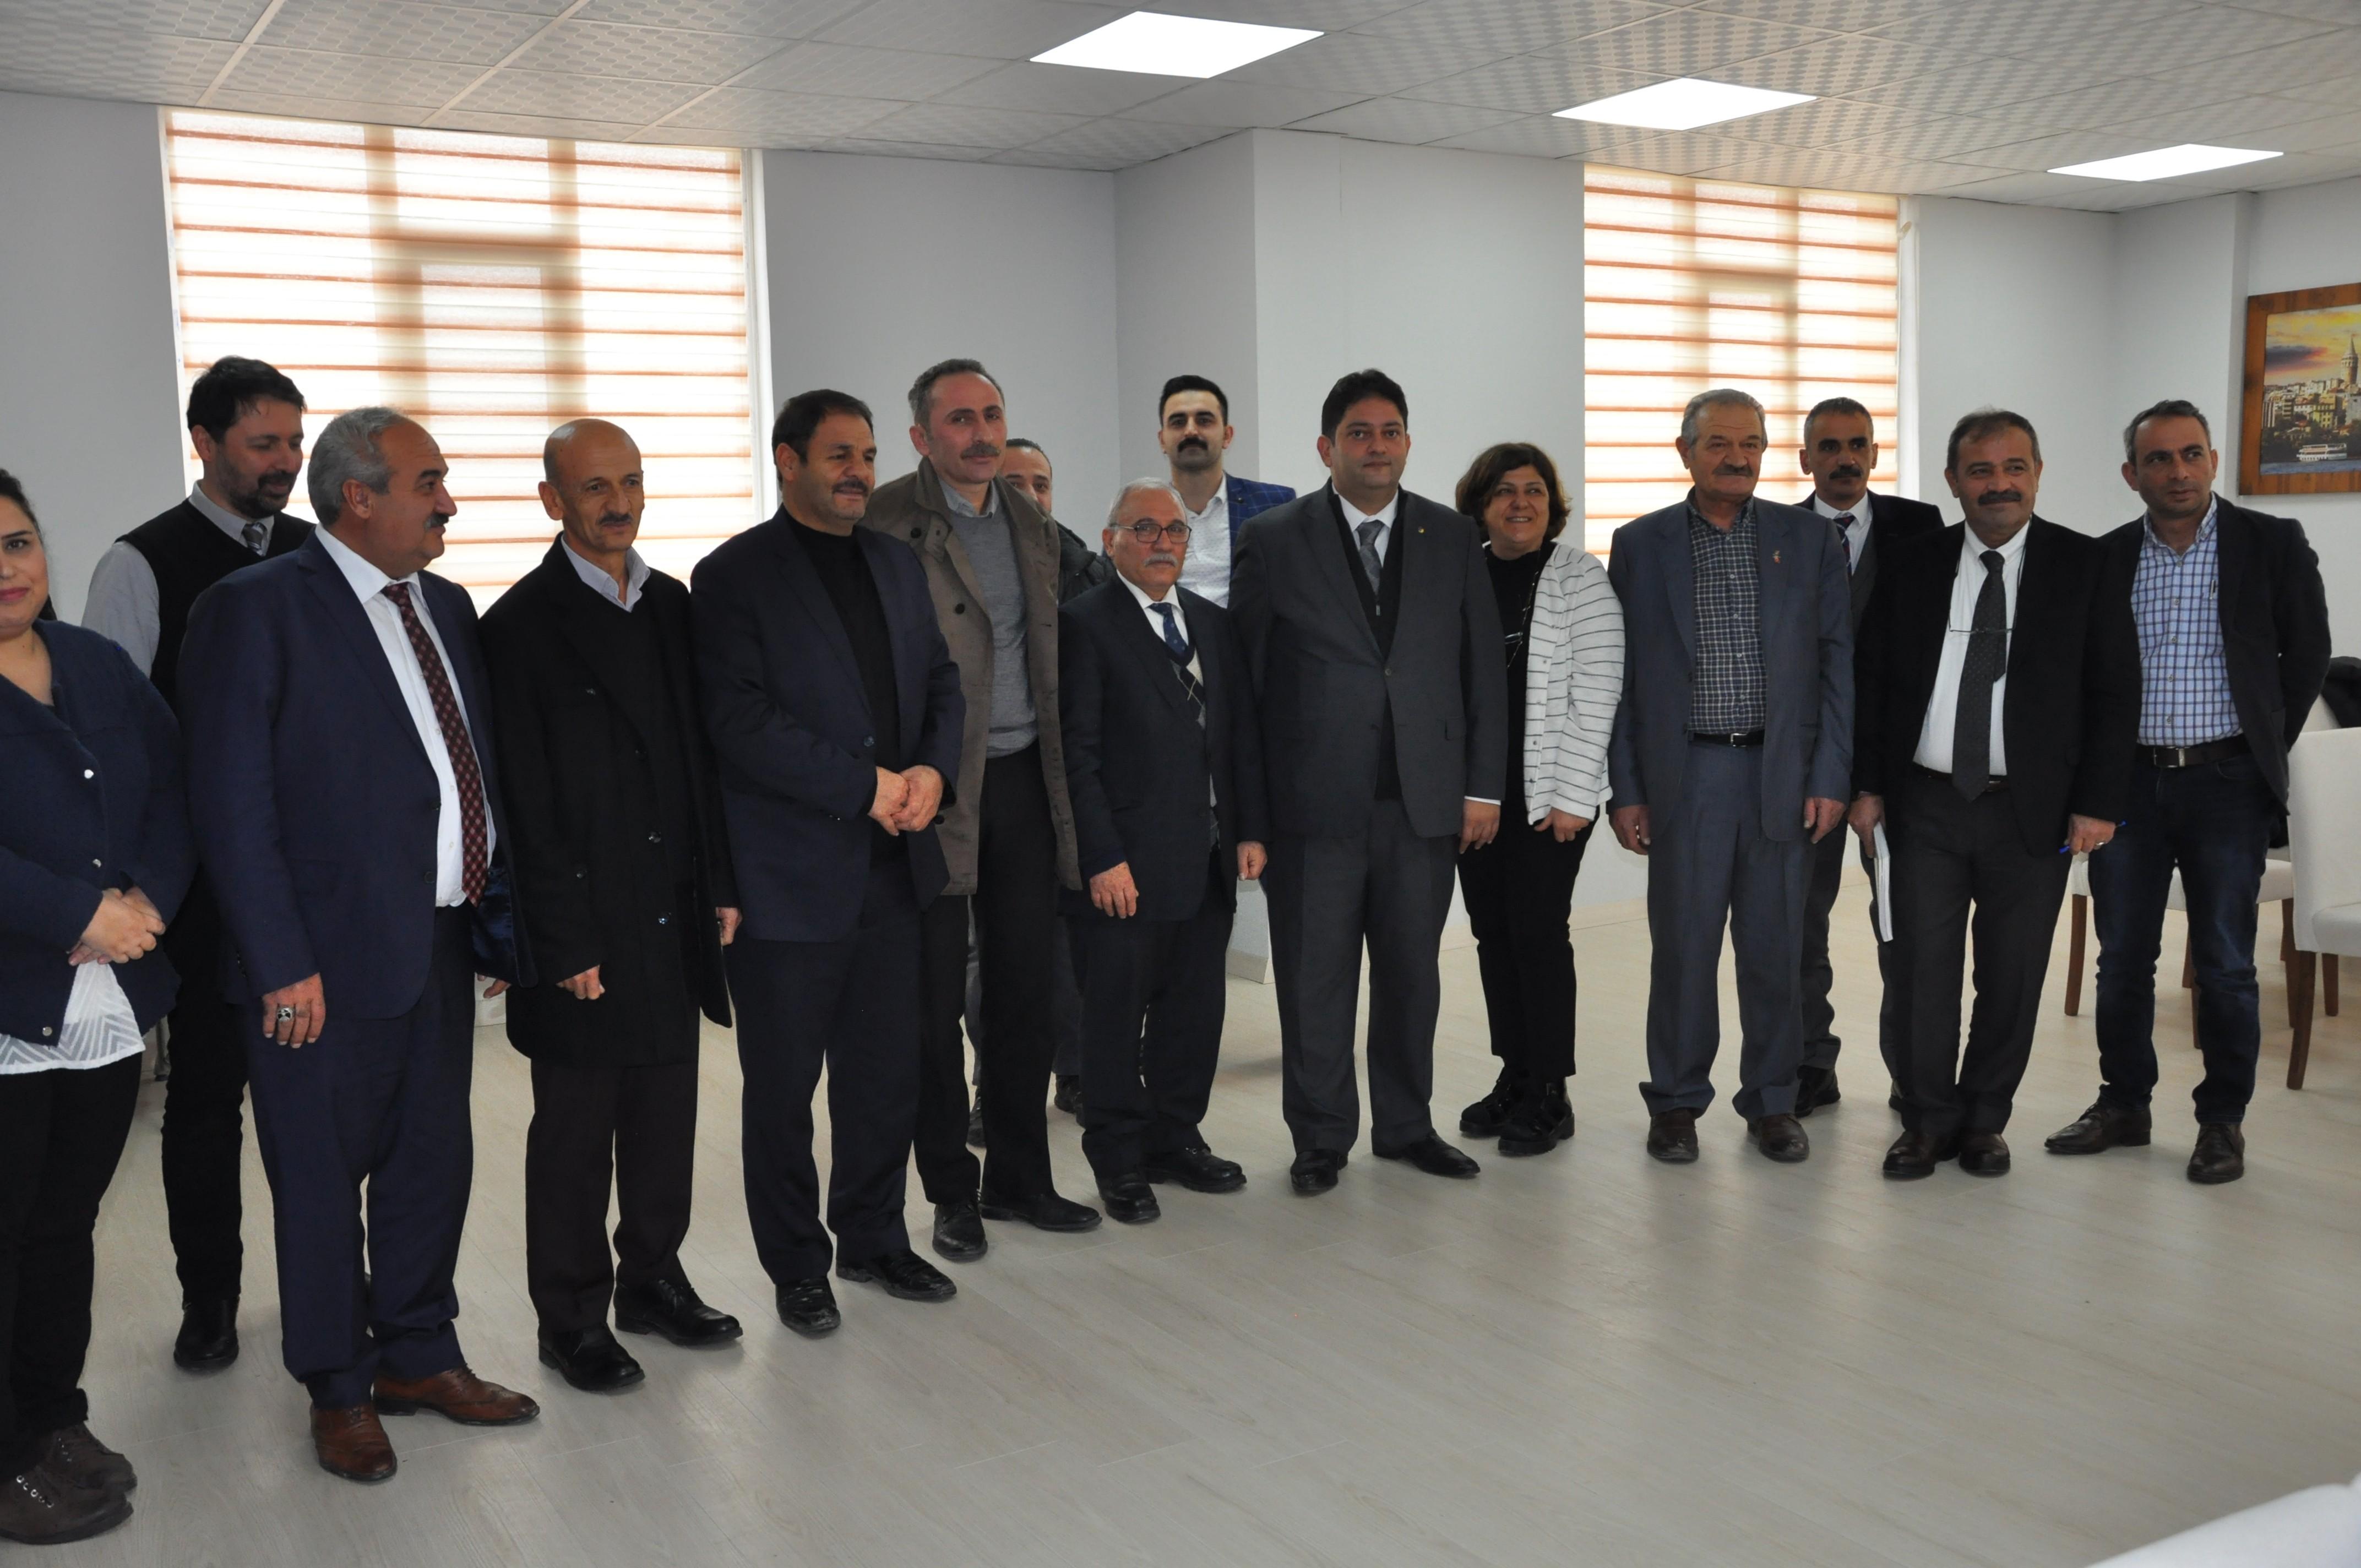 Erzurum kırmızı et kümelenmesi yönetim kurulu 3.'üncü toplantısını gerçekleştirdi